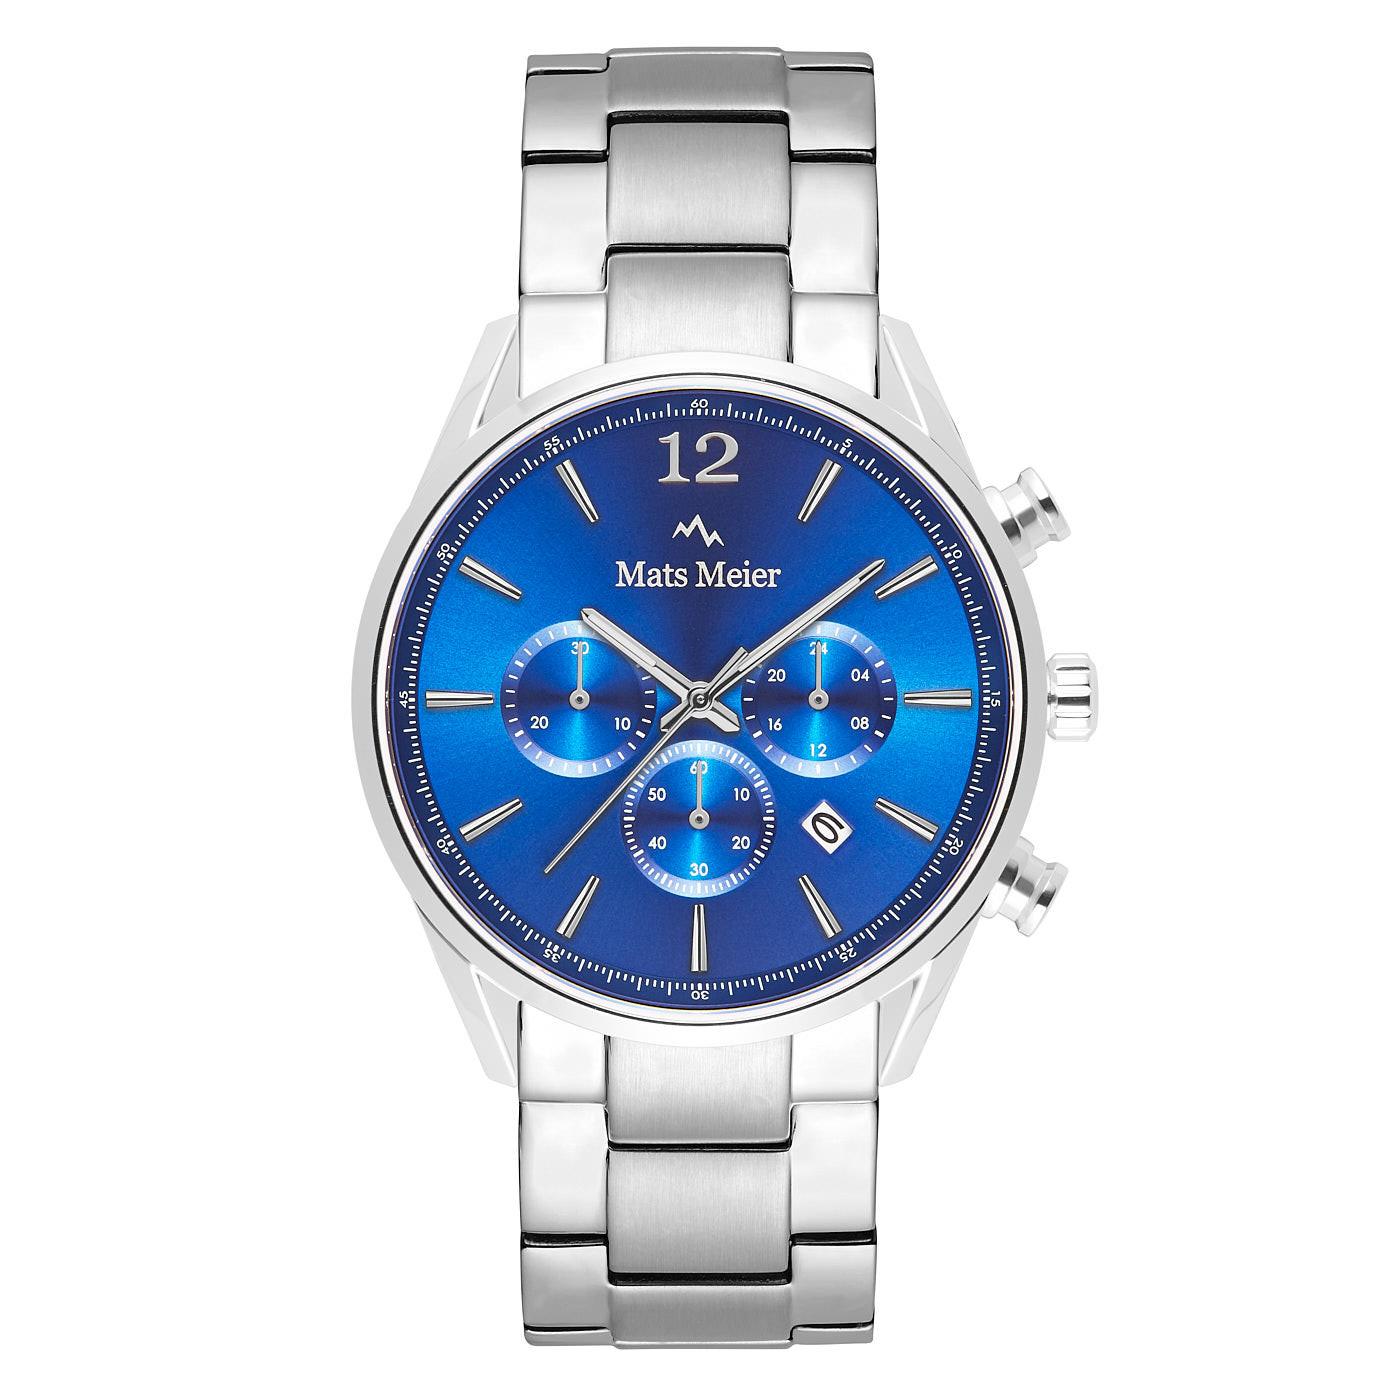 Mats Meier Grand Cornier chronograaf herenhorloge zilverkleurig en blauw